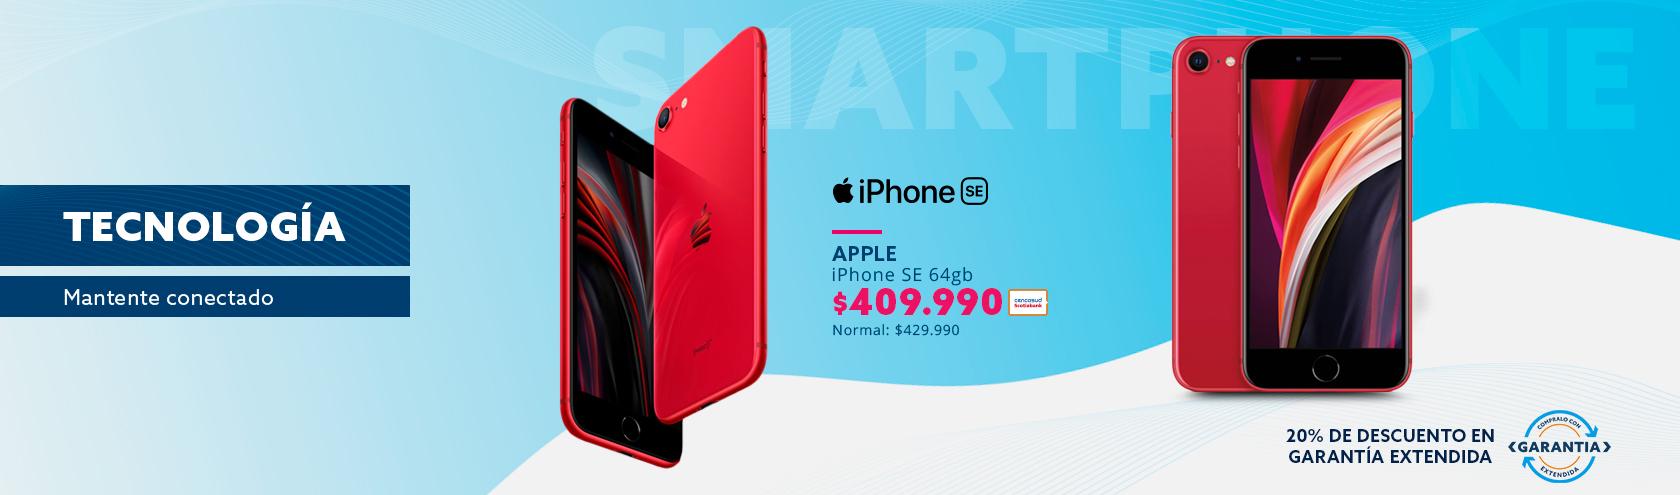 iPhone SE 64GB a $409.990 con Tarjeta Cencosud